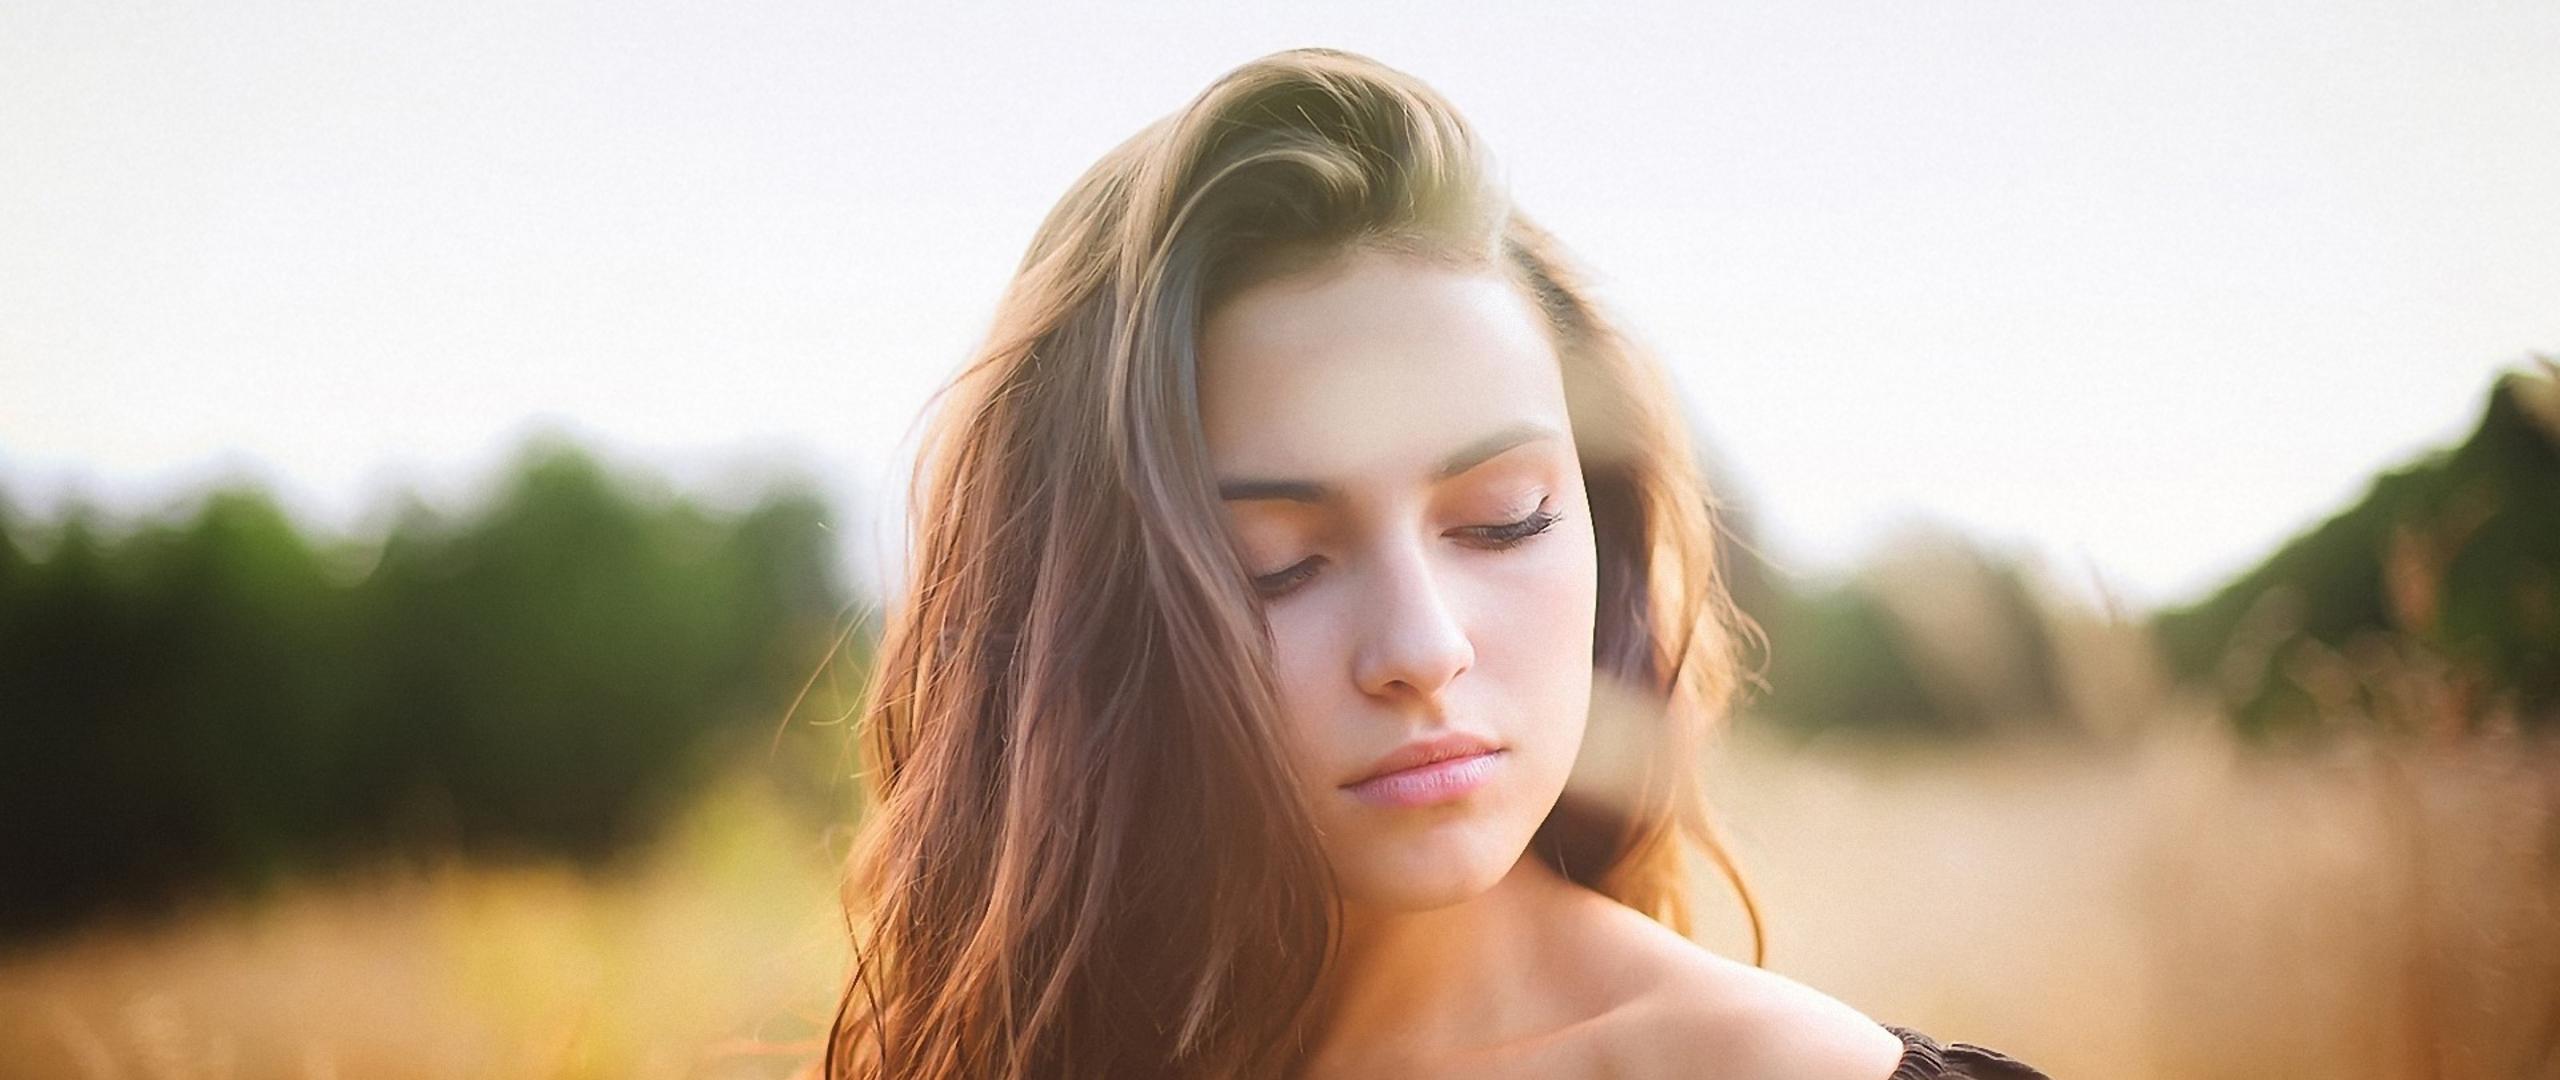 beautiful-brunette-girl.jpg